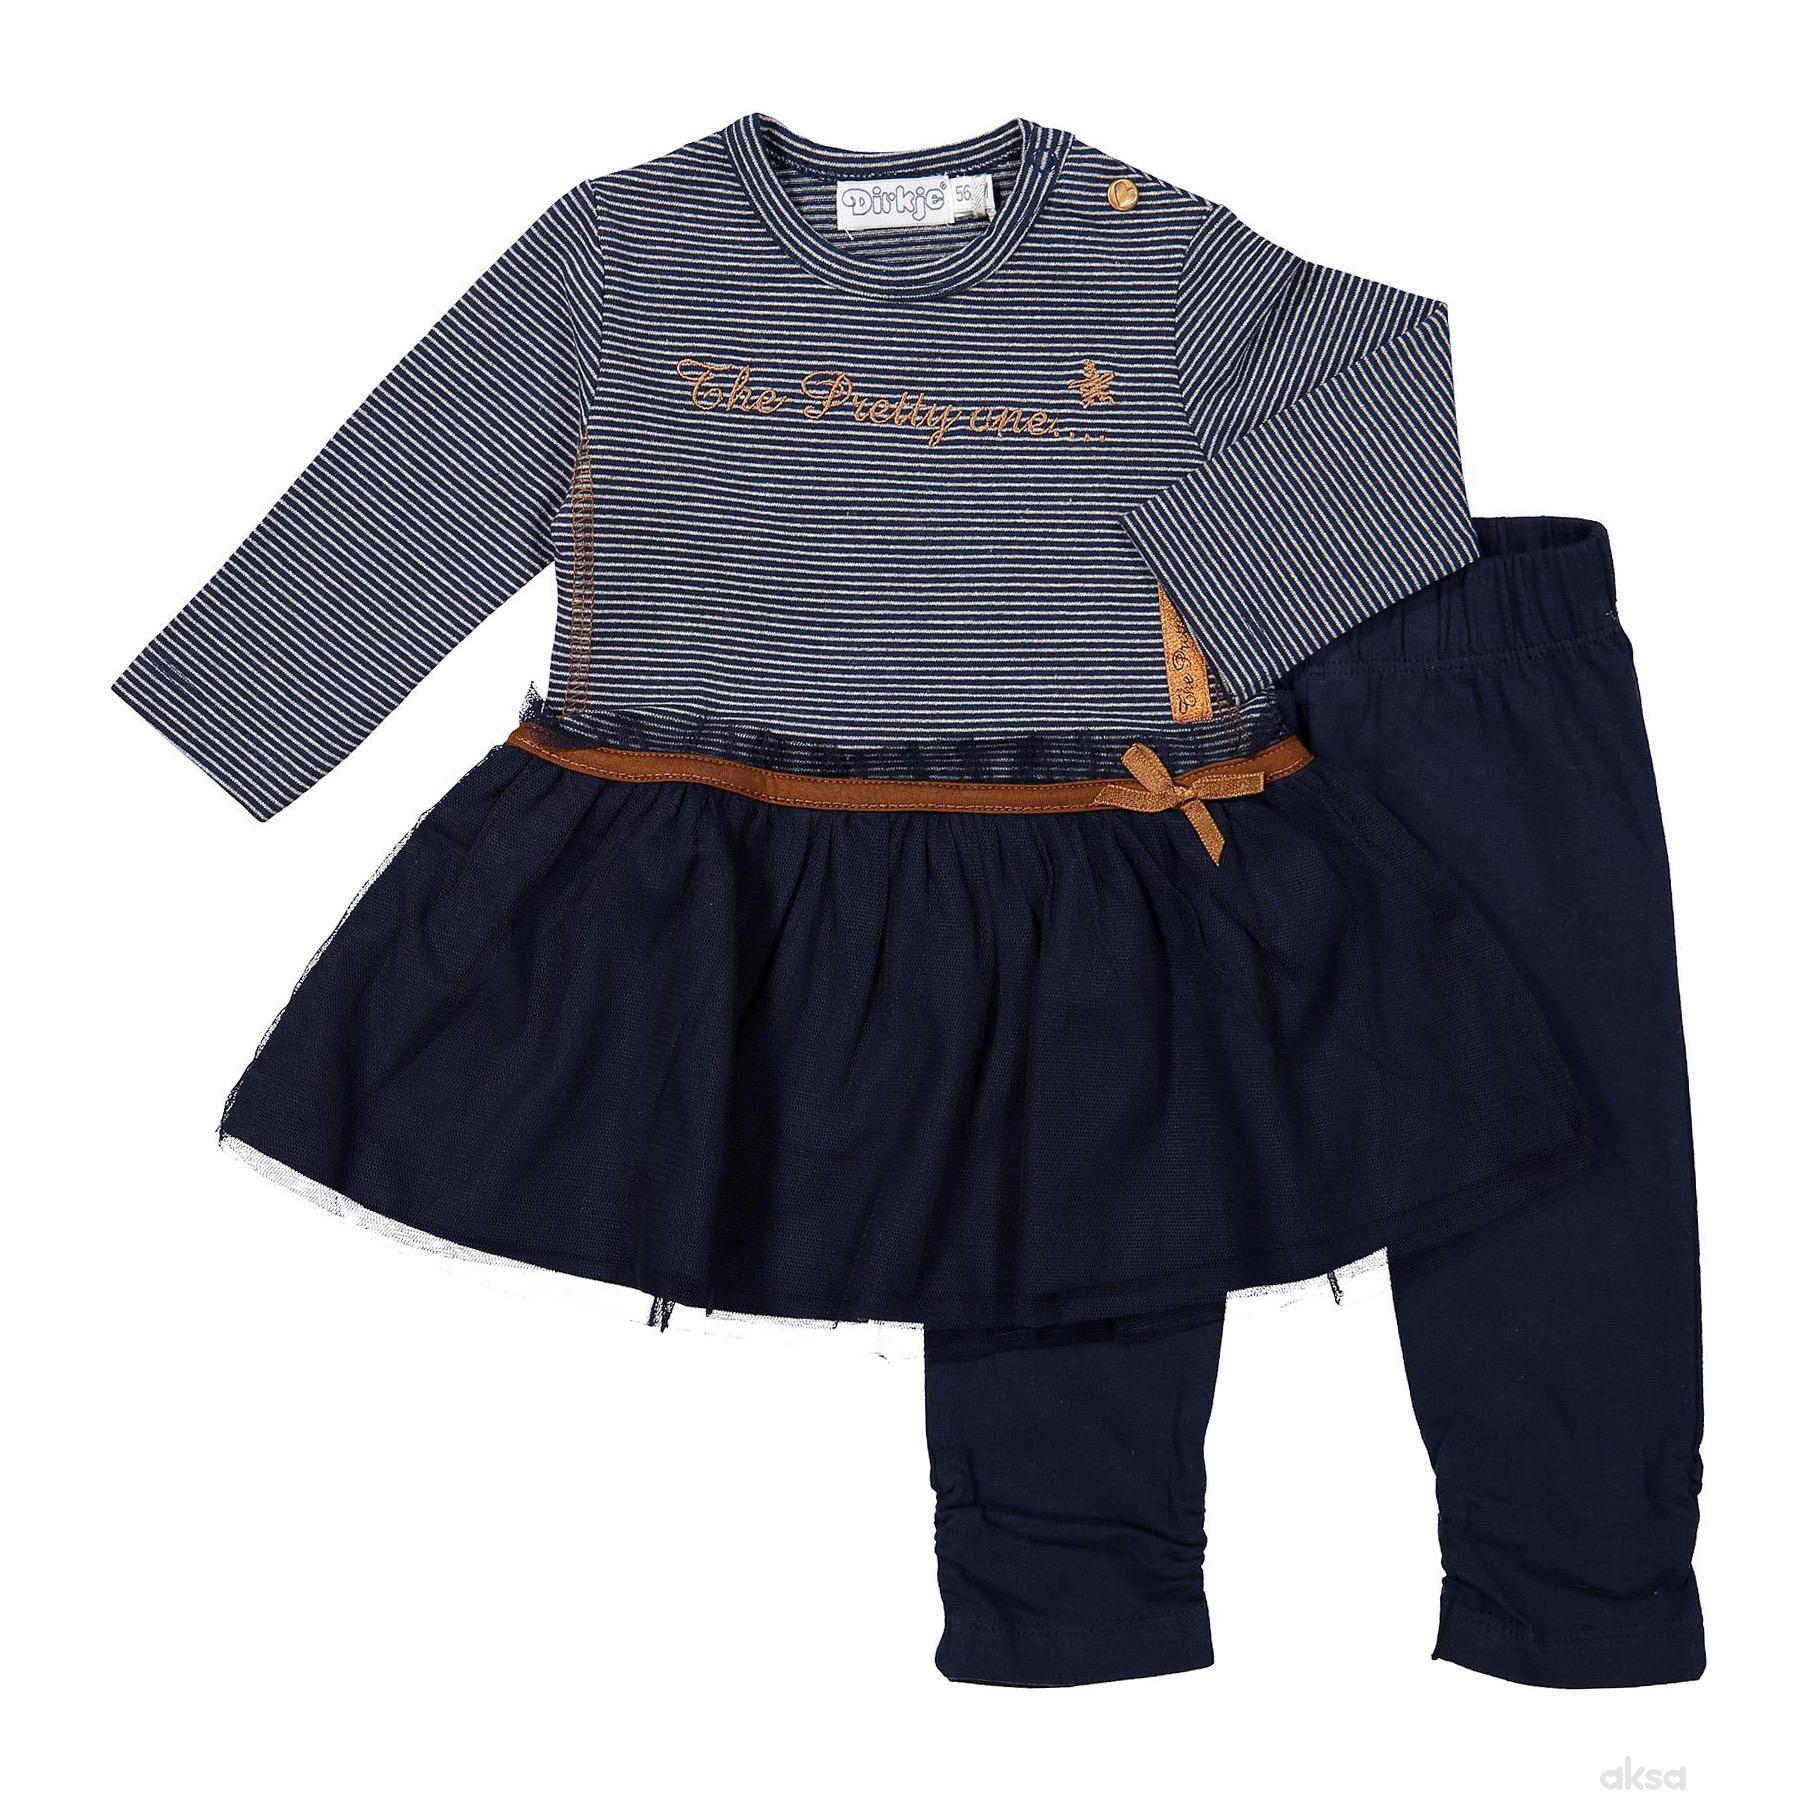 Dirkje komplet(haljina d.r i helanke),devojčice